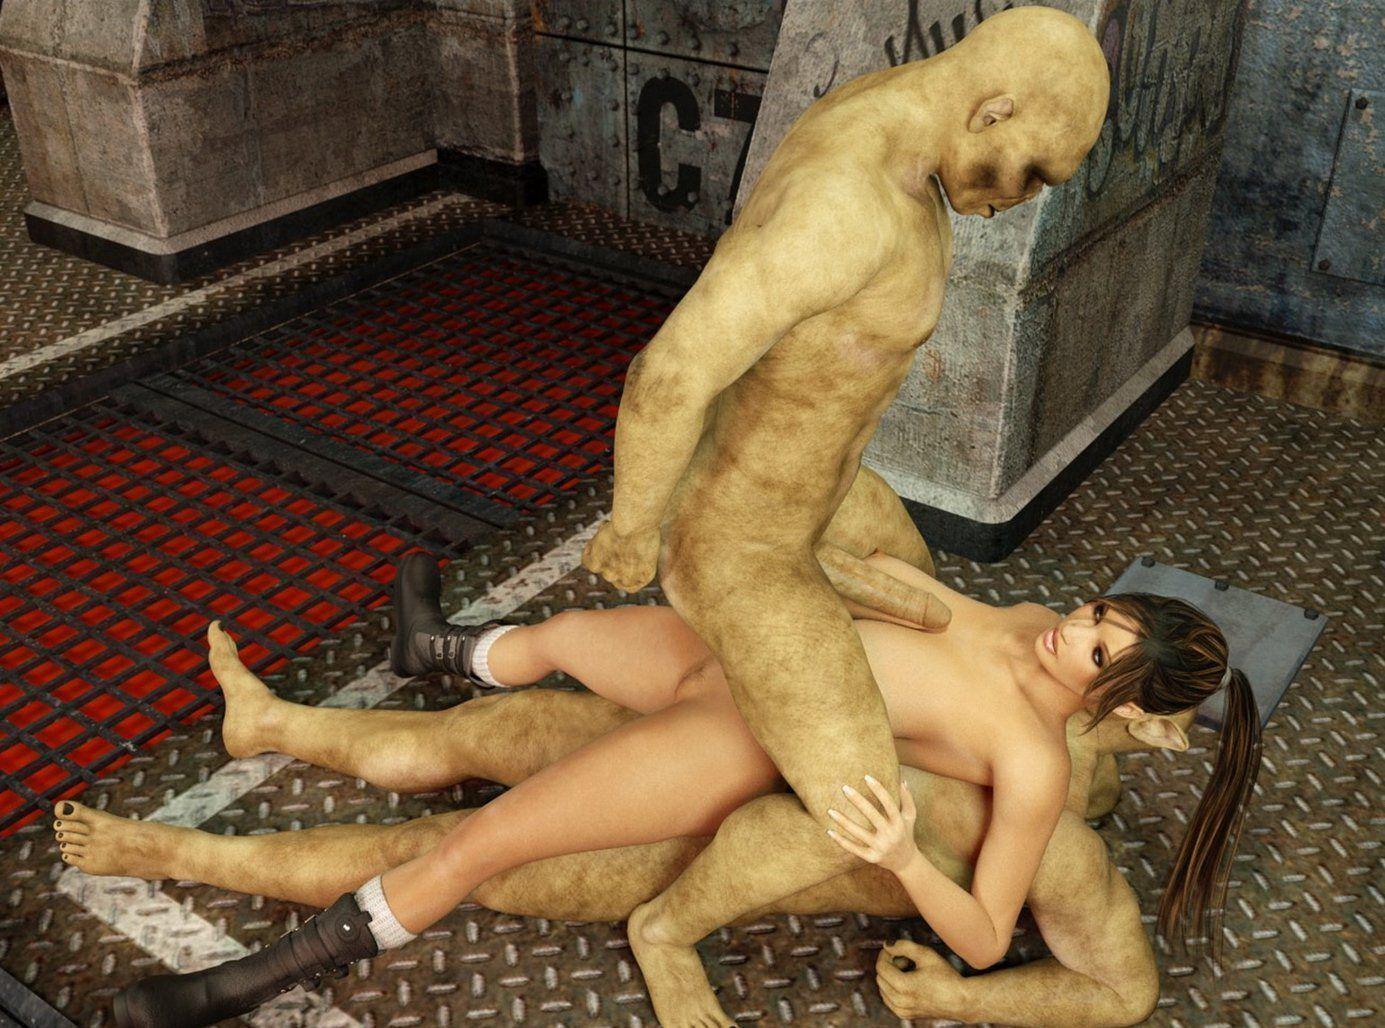 Hentaihome-Monstros-comendo-Gisella-3D-42